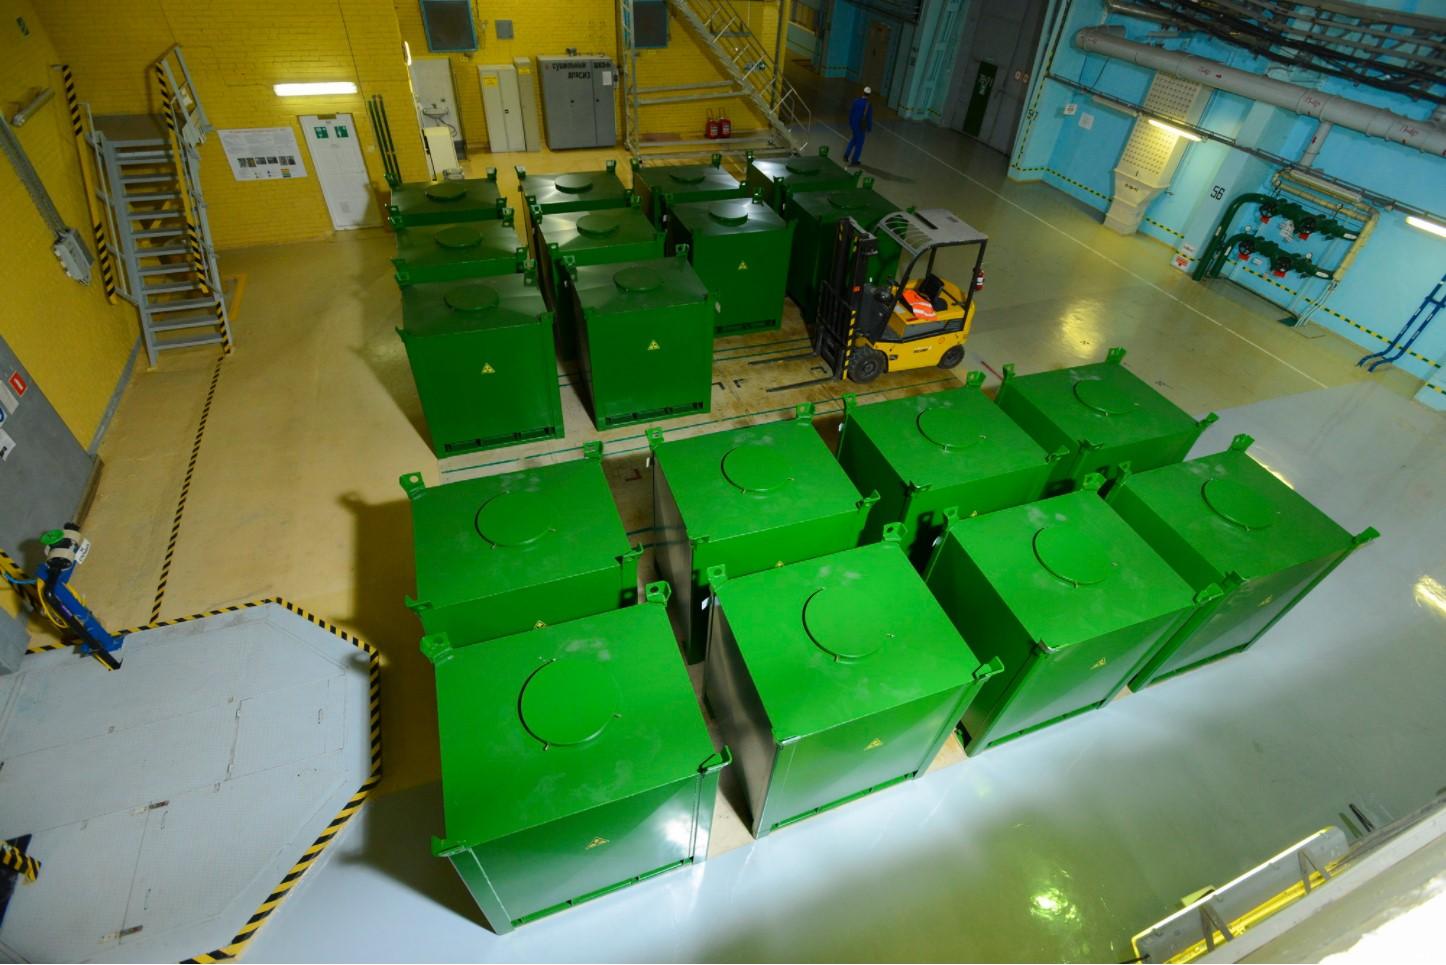 Приключения немецких урановых хвостов в России. Часть 4 (последняя): Использование ОГФУ, протесты и выводы - 12